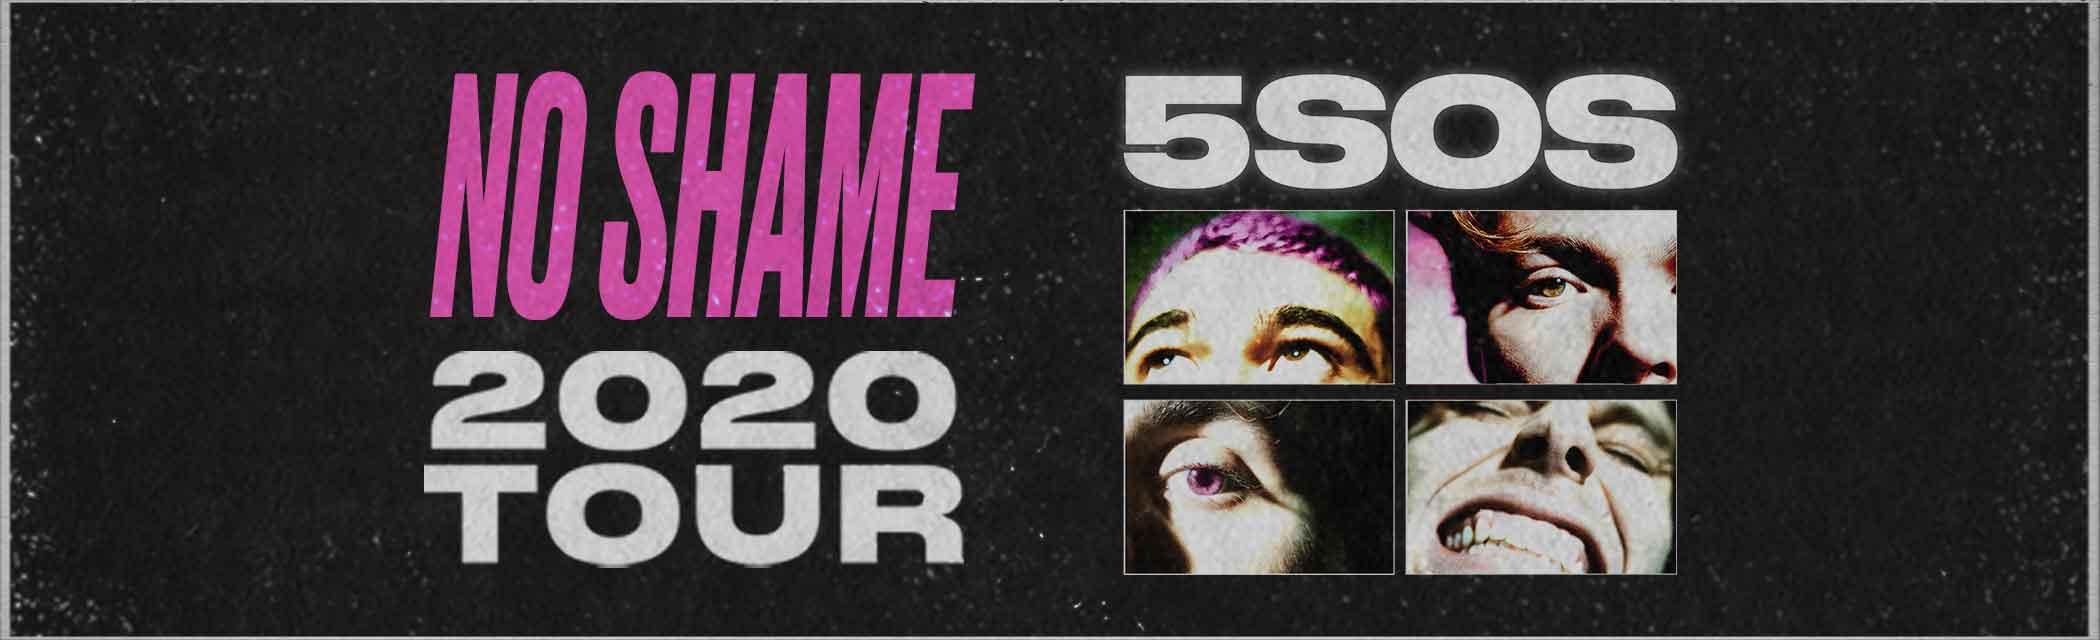 NO SHAME 2020 TOUR